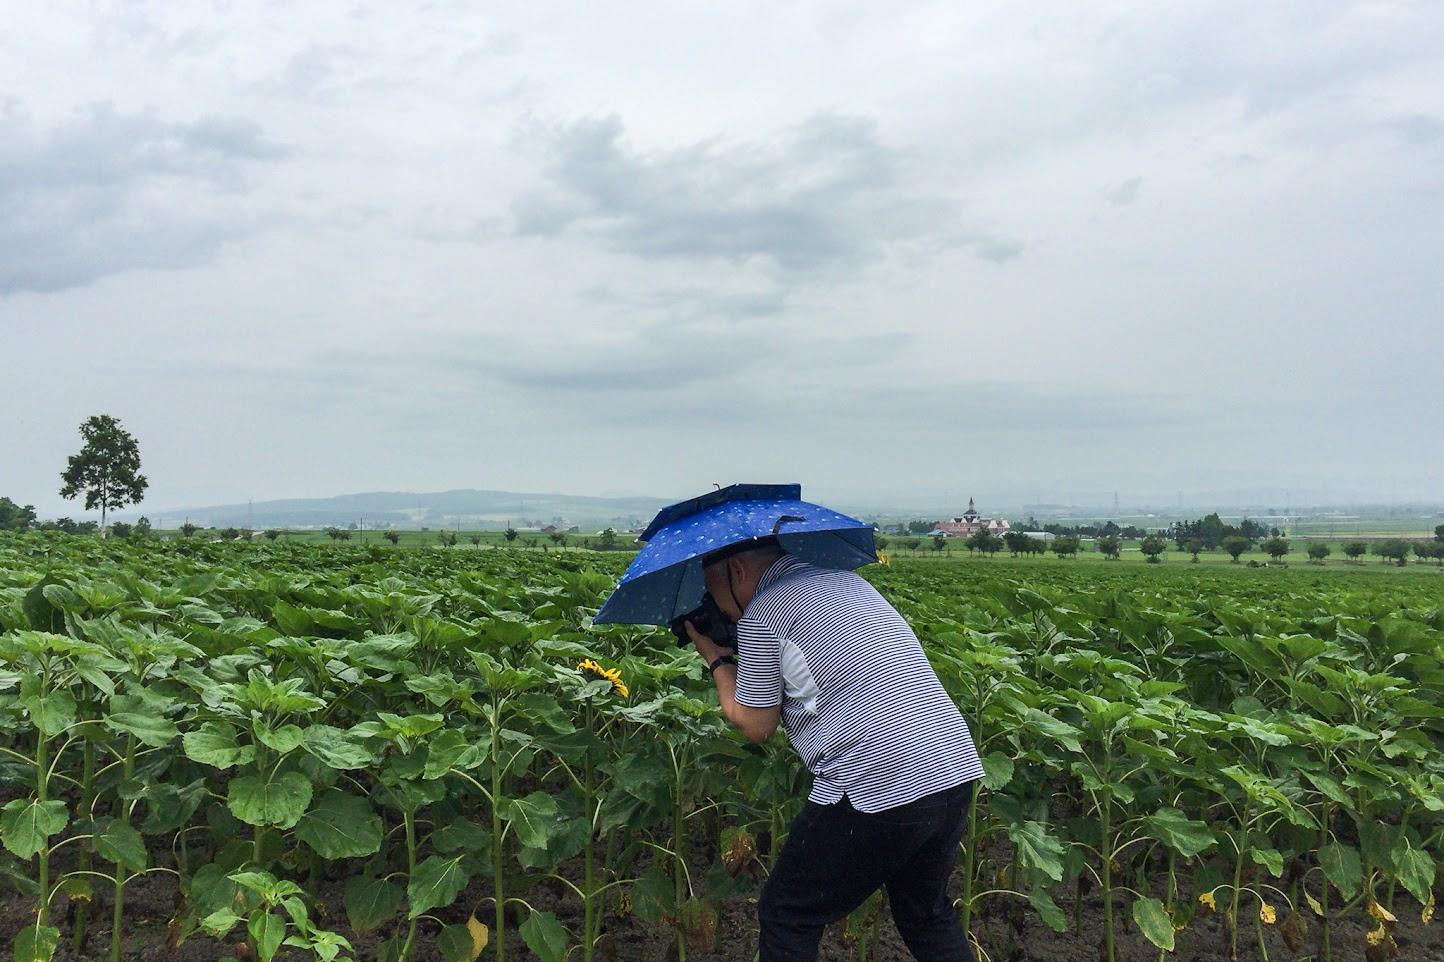 傘帽子をかぶって撮影